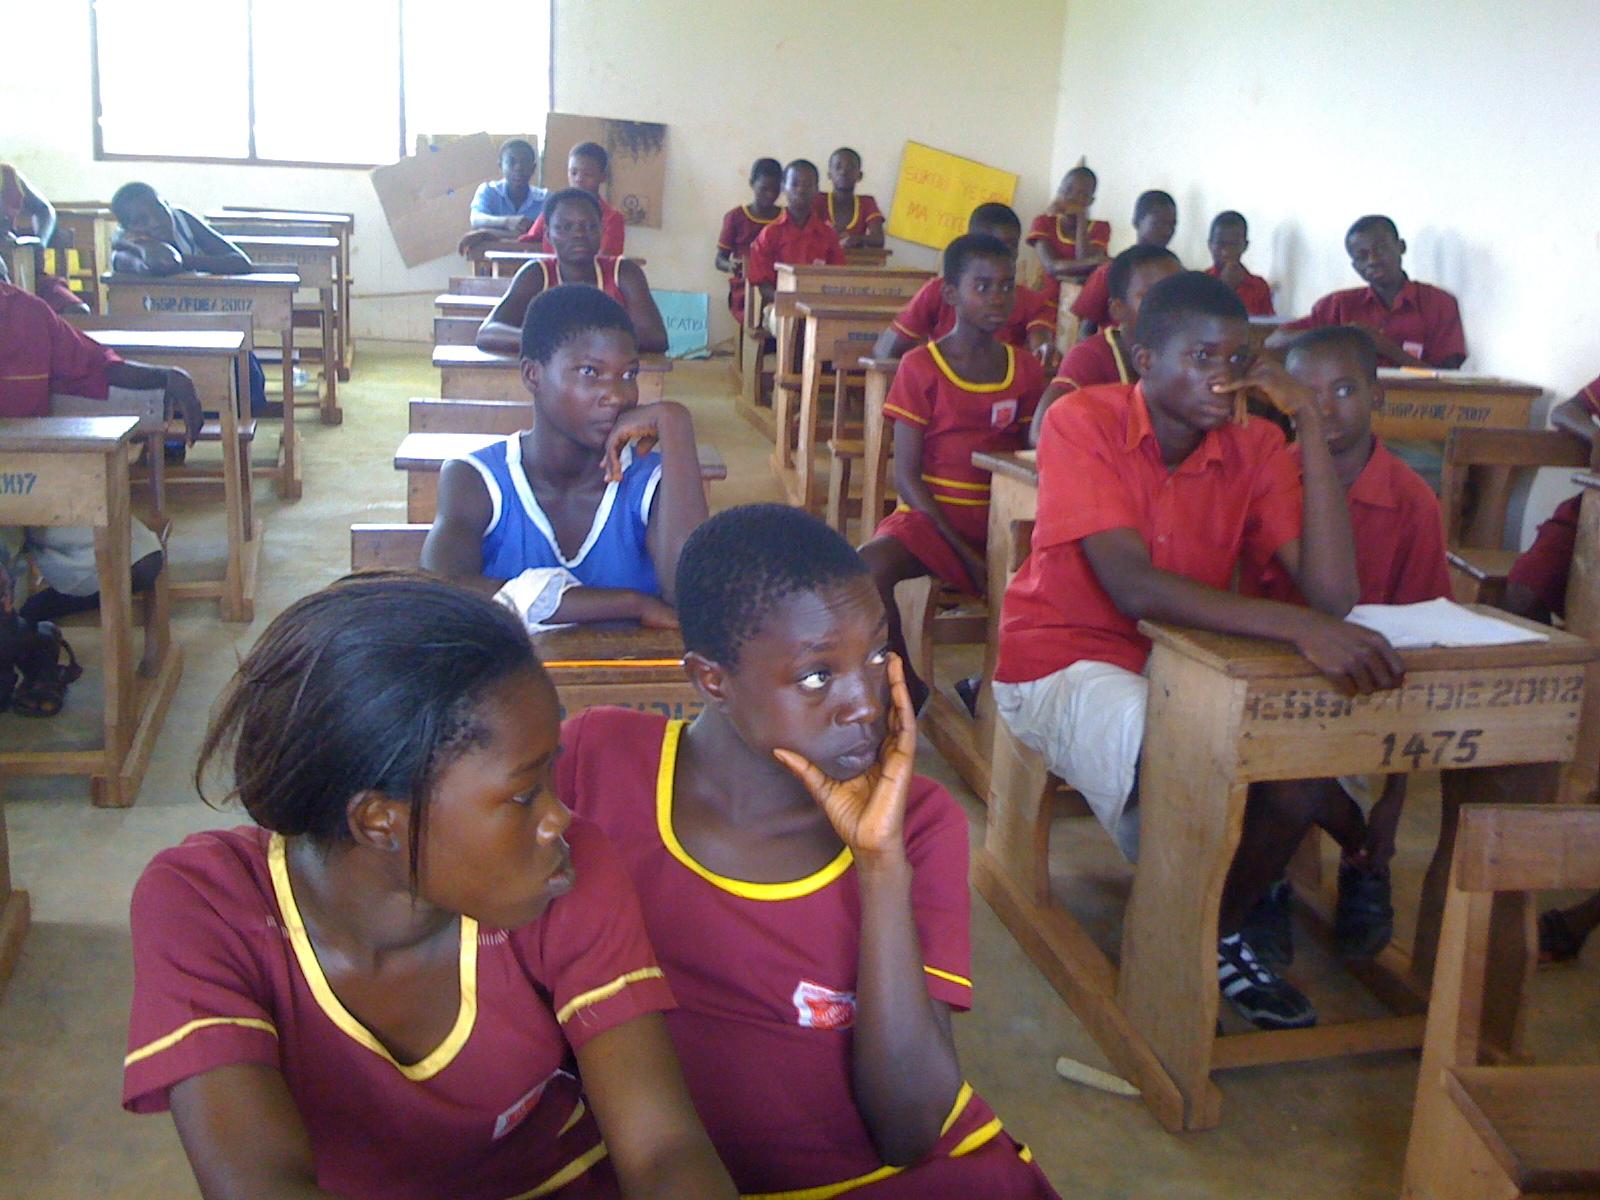 ...puesto que las guerras nacen en la mente de los hombres, es en la mente de los hombres donde deben erigirse los baluartes de la paz..., clase en Ghana, 2011 (Imagen: wikimedia.org)